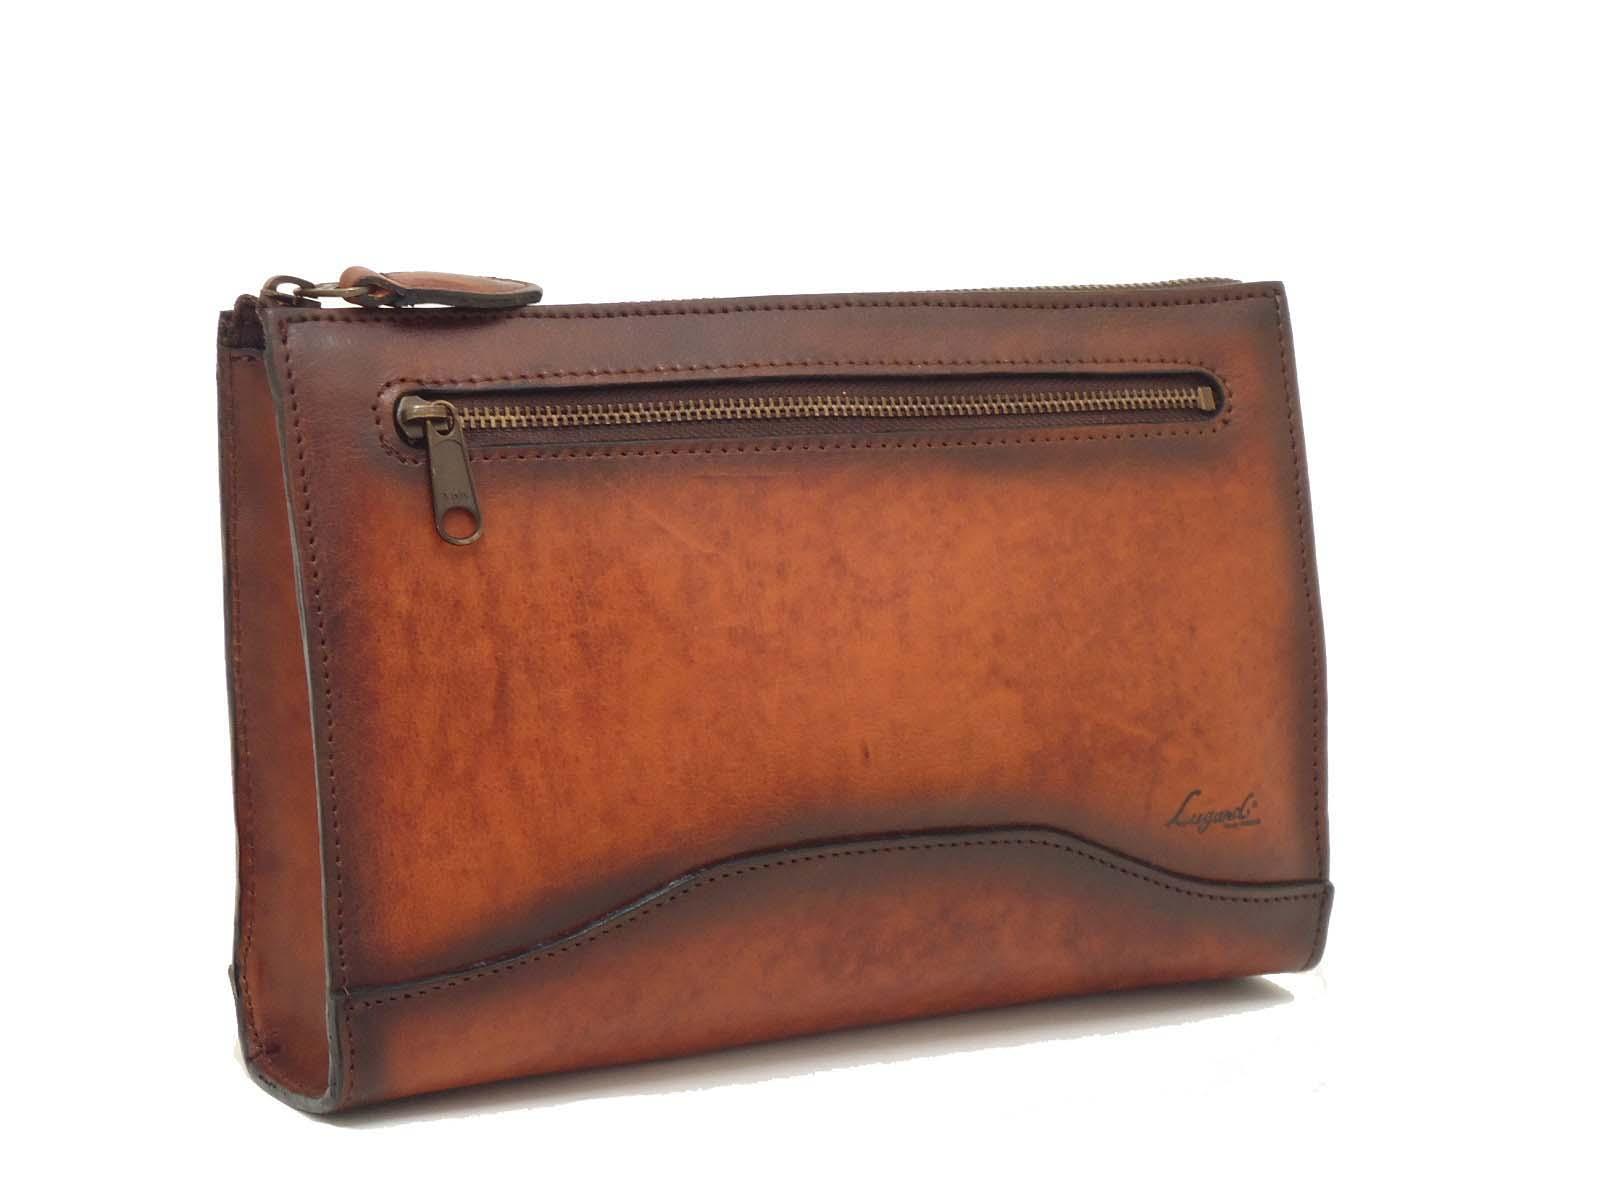 青木鞄 Lugard・G3 ラガード・ジースリー メンズ セカンドバッグ 5213 MADE IN JAPAN(日本製)